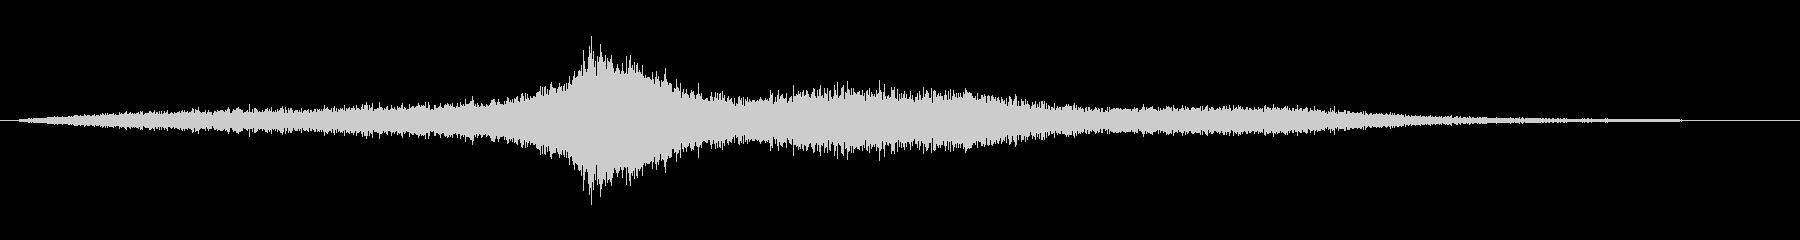 【生録音】 早朝の街 交通 環境音 11の未再生の波形